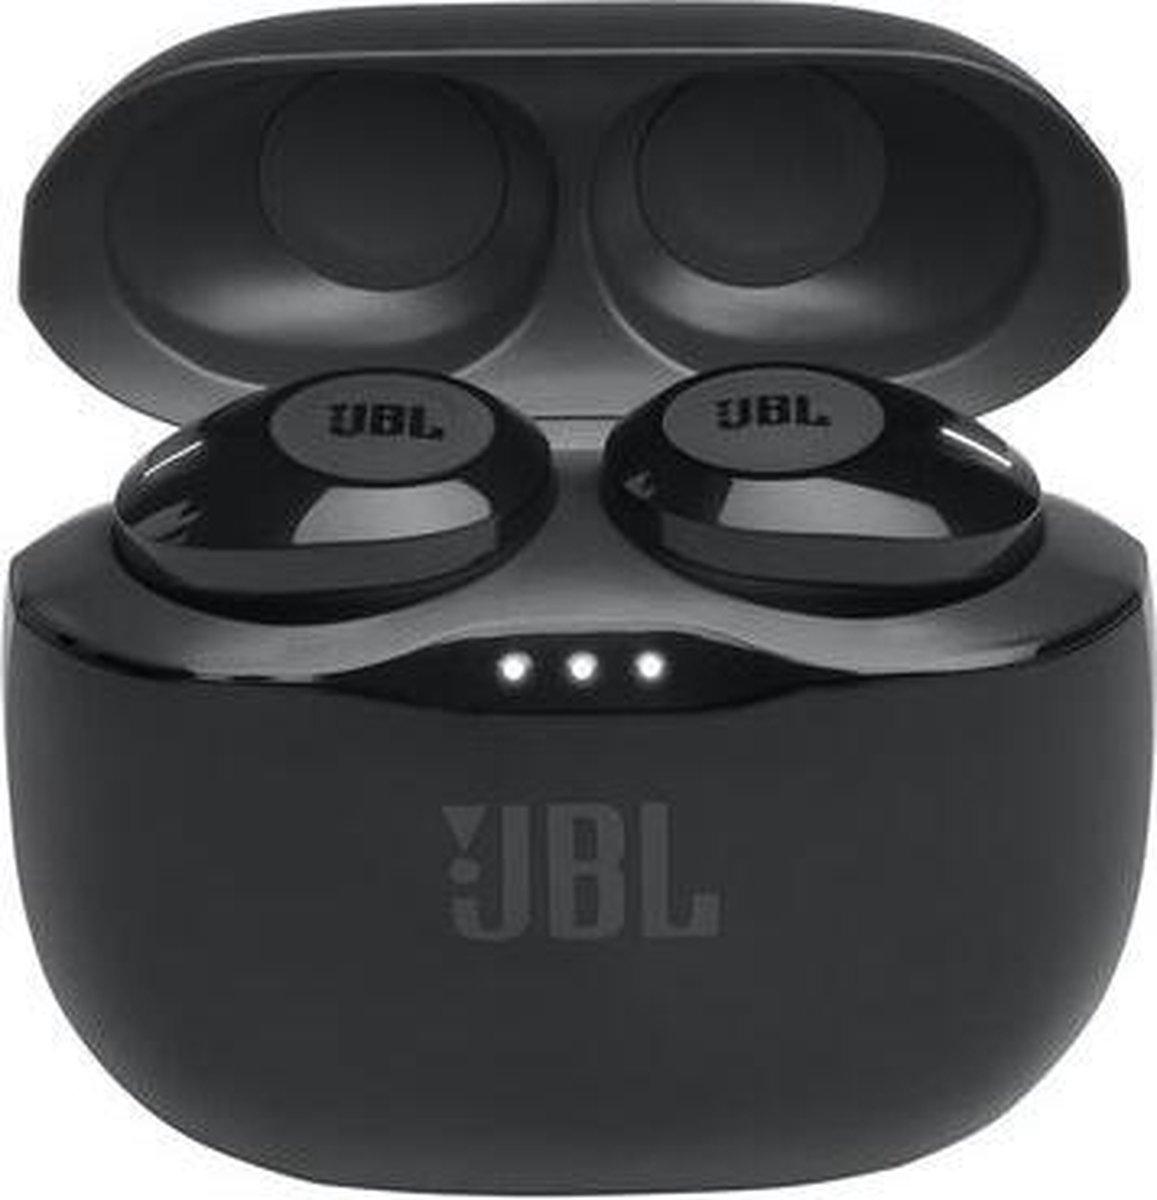 JBL Tune 120TWS - Zwart - Volledige draadloze oordopjes - JBL